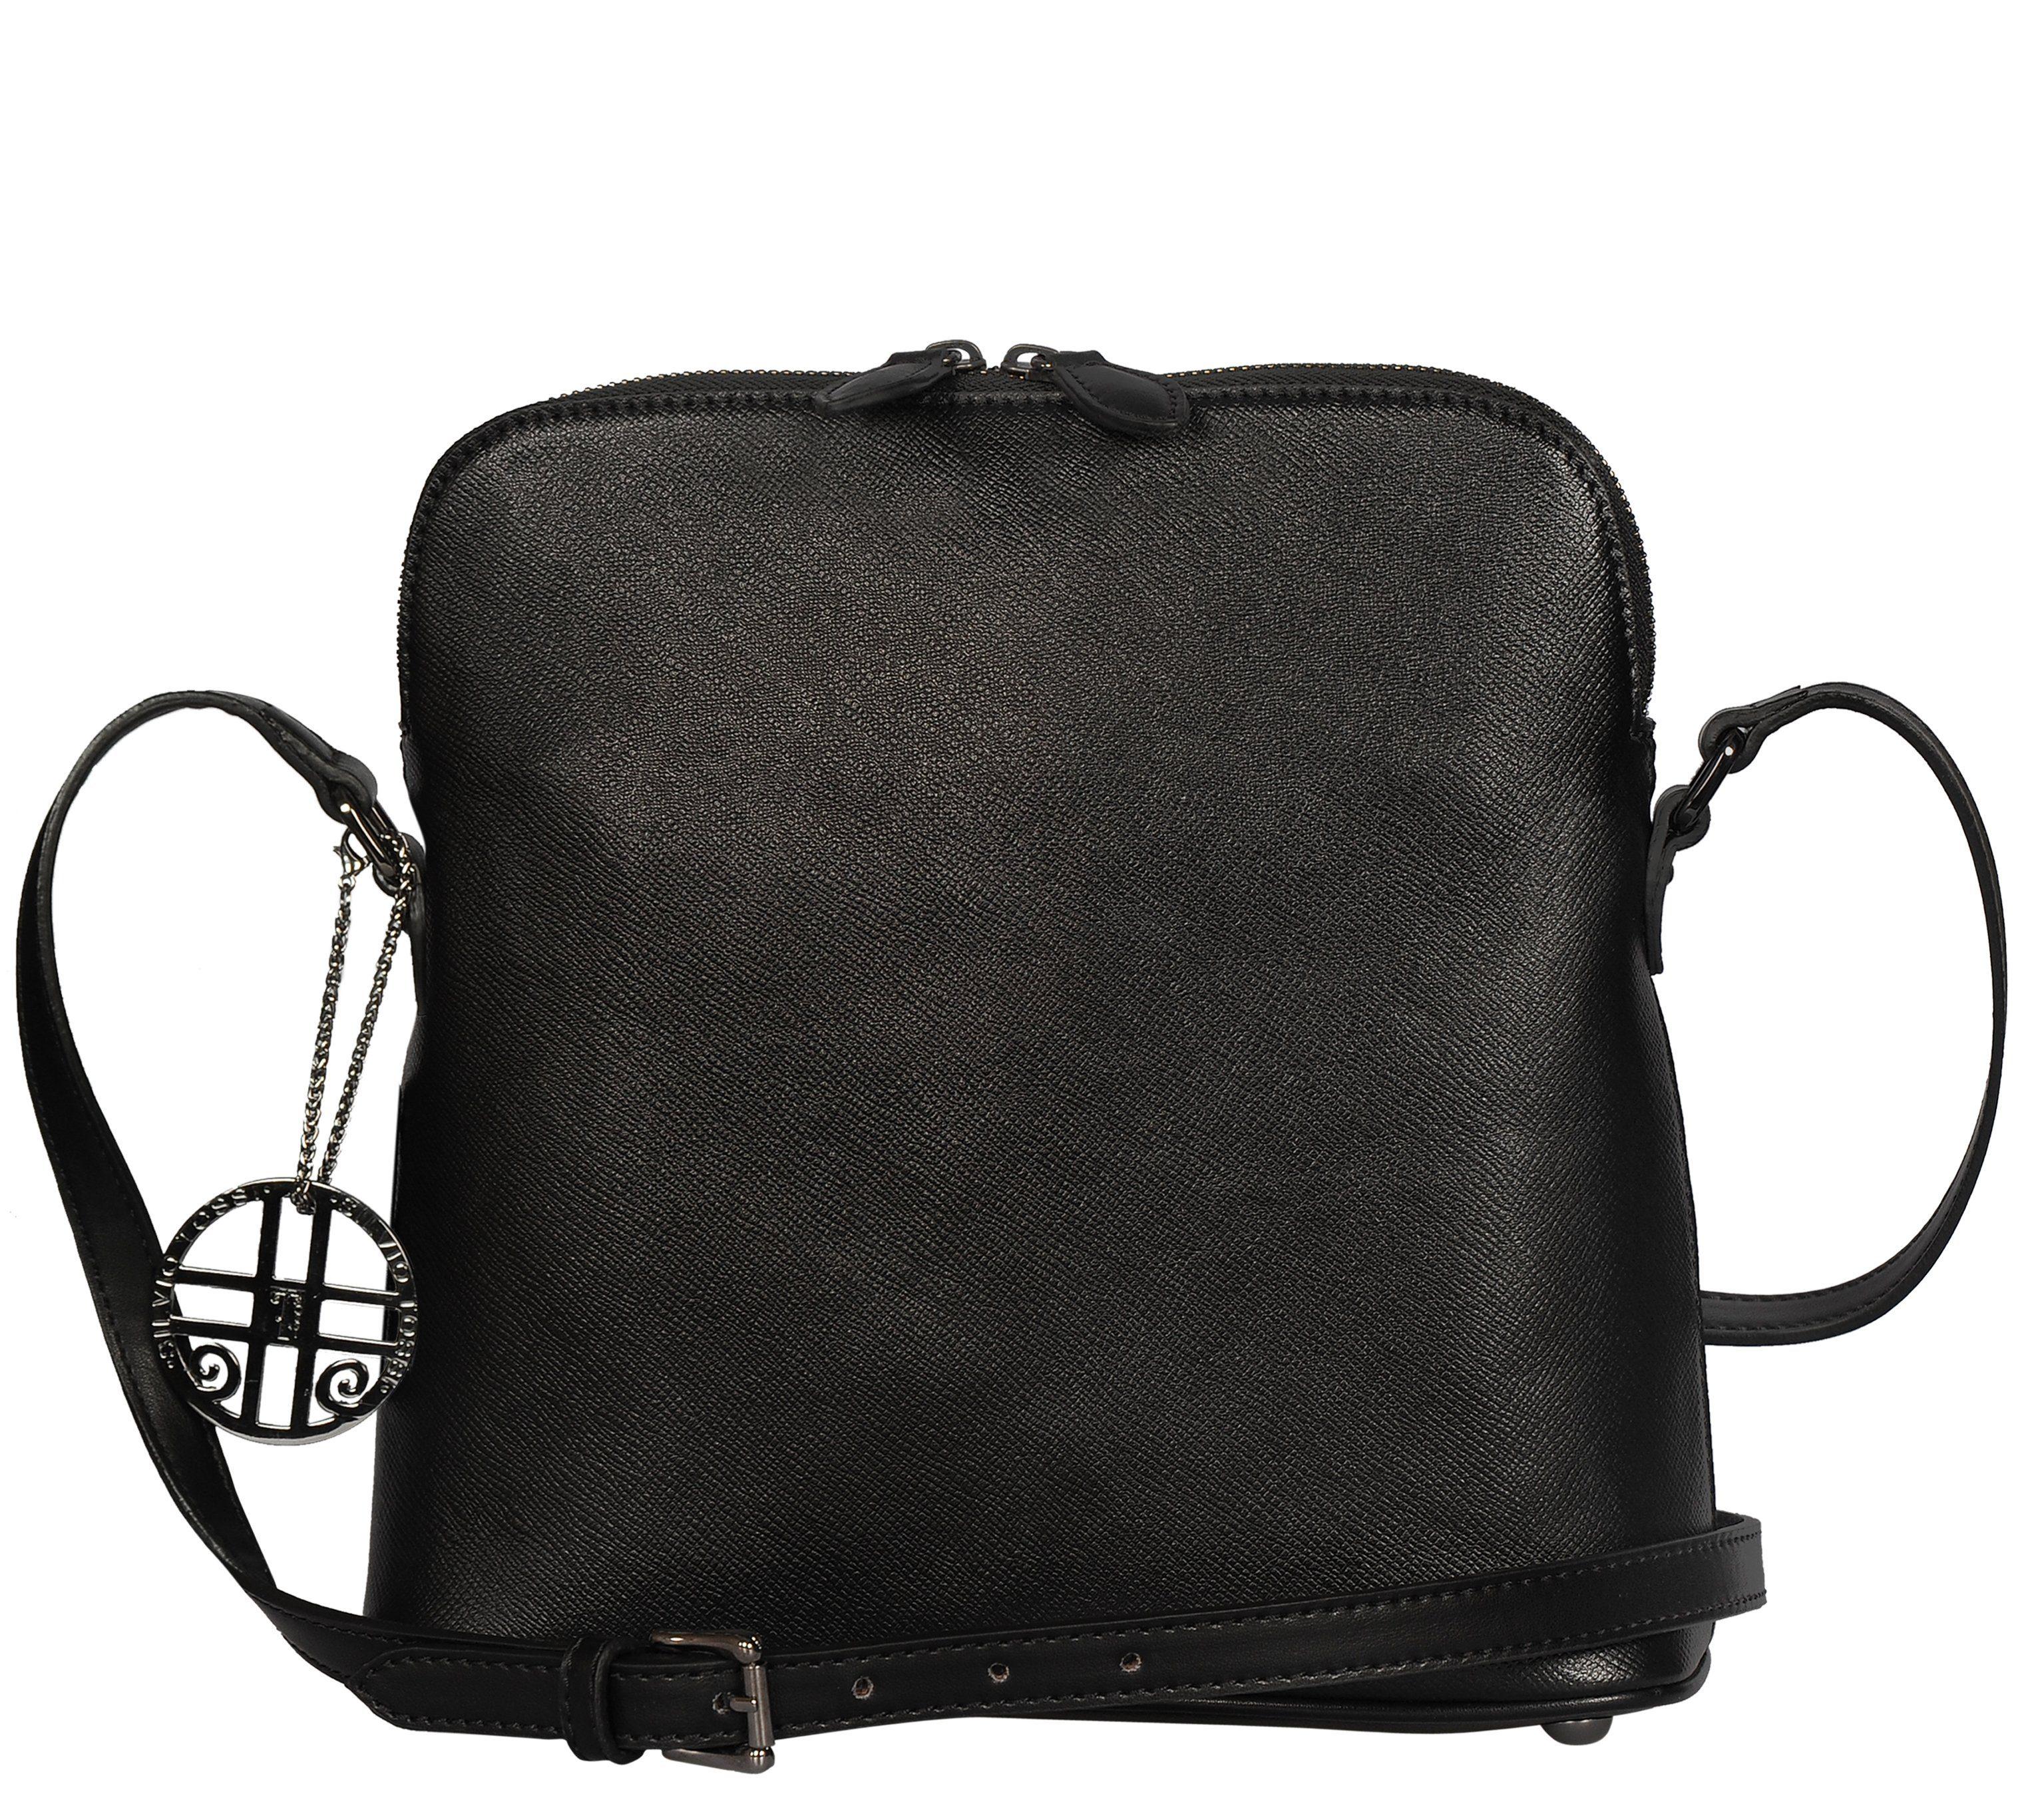 Silvio Tossi Handtasche in Saffian-Design mit Markenanhänger